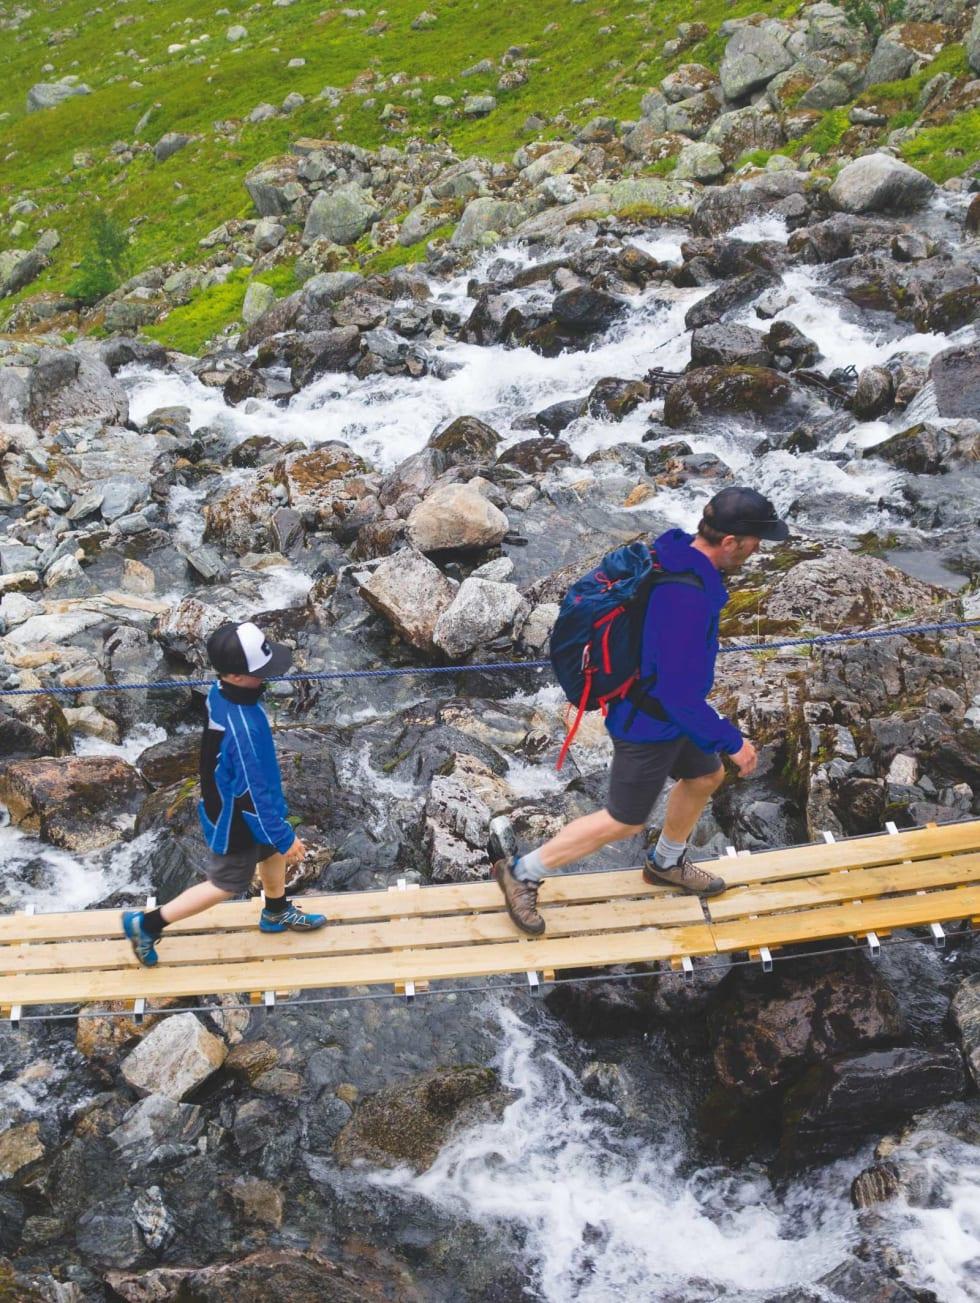 HVEM TRAMPER: Hjalmar (7) og Jørgen Aamot på vei over elva innerst i Øvredalen. Foto: Erlend Sande